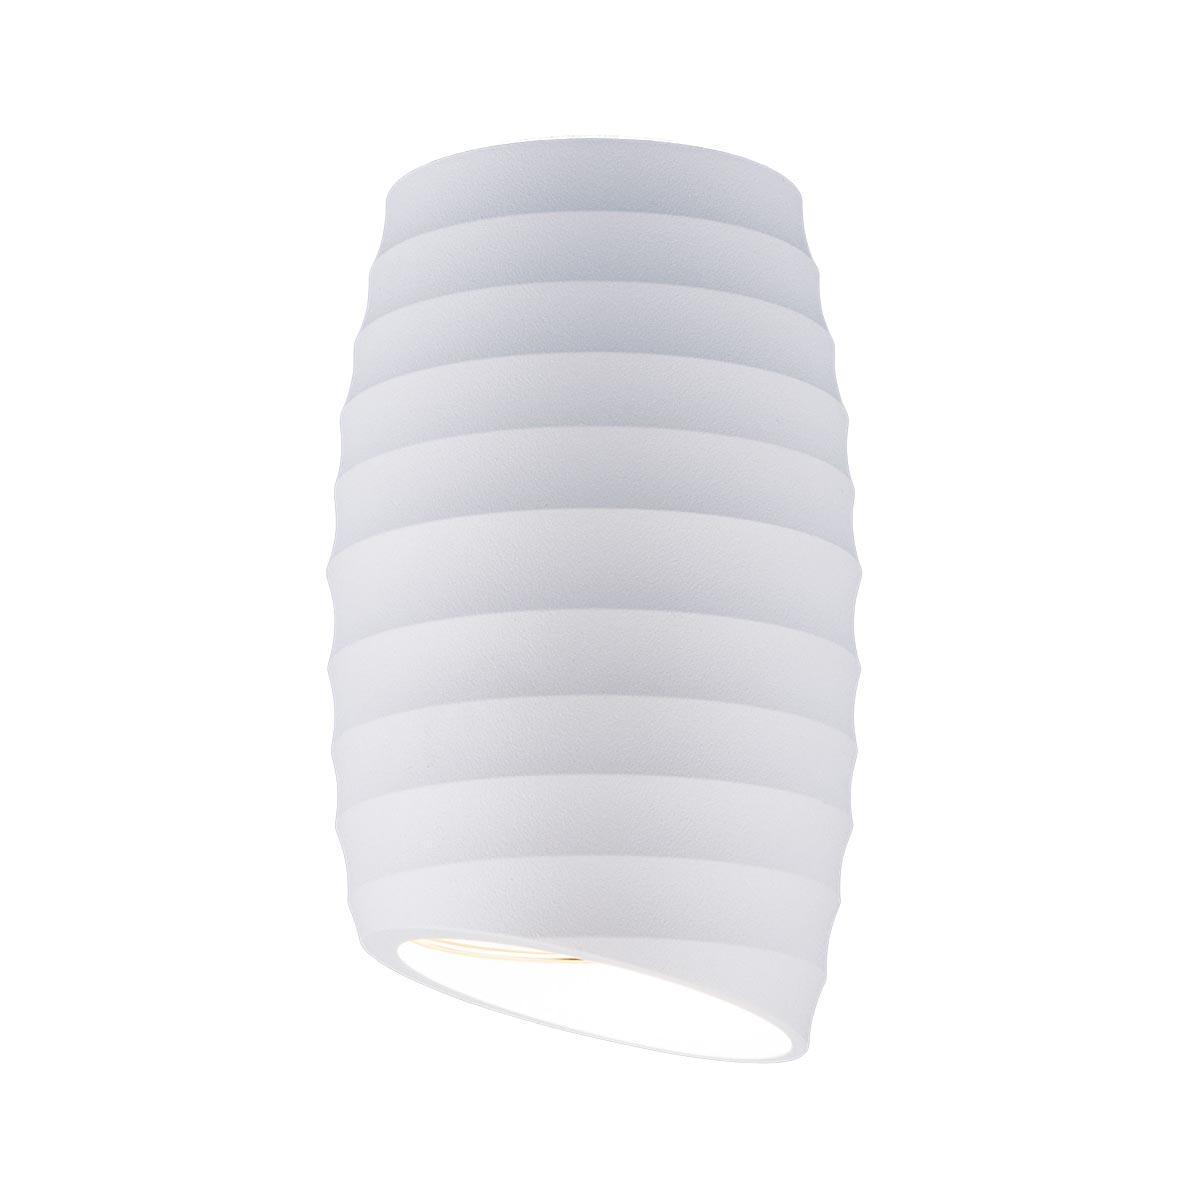 Потолочный светильник Elektrostandard DLN105 GU10 белый 4690389148569